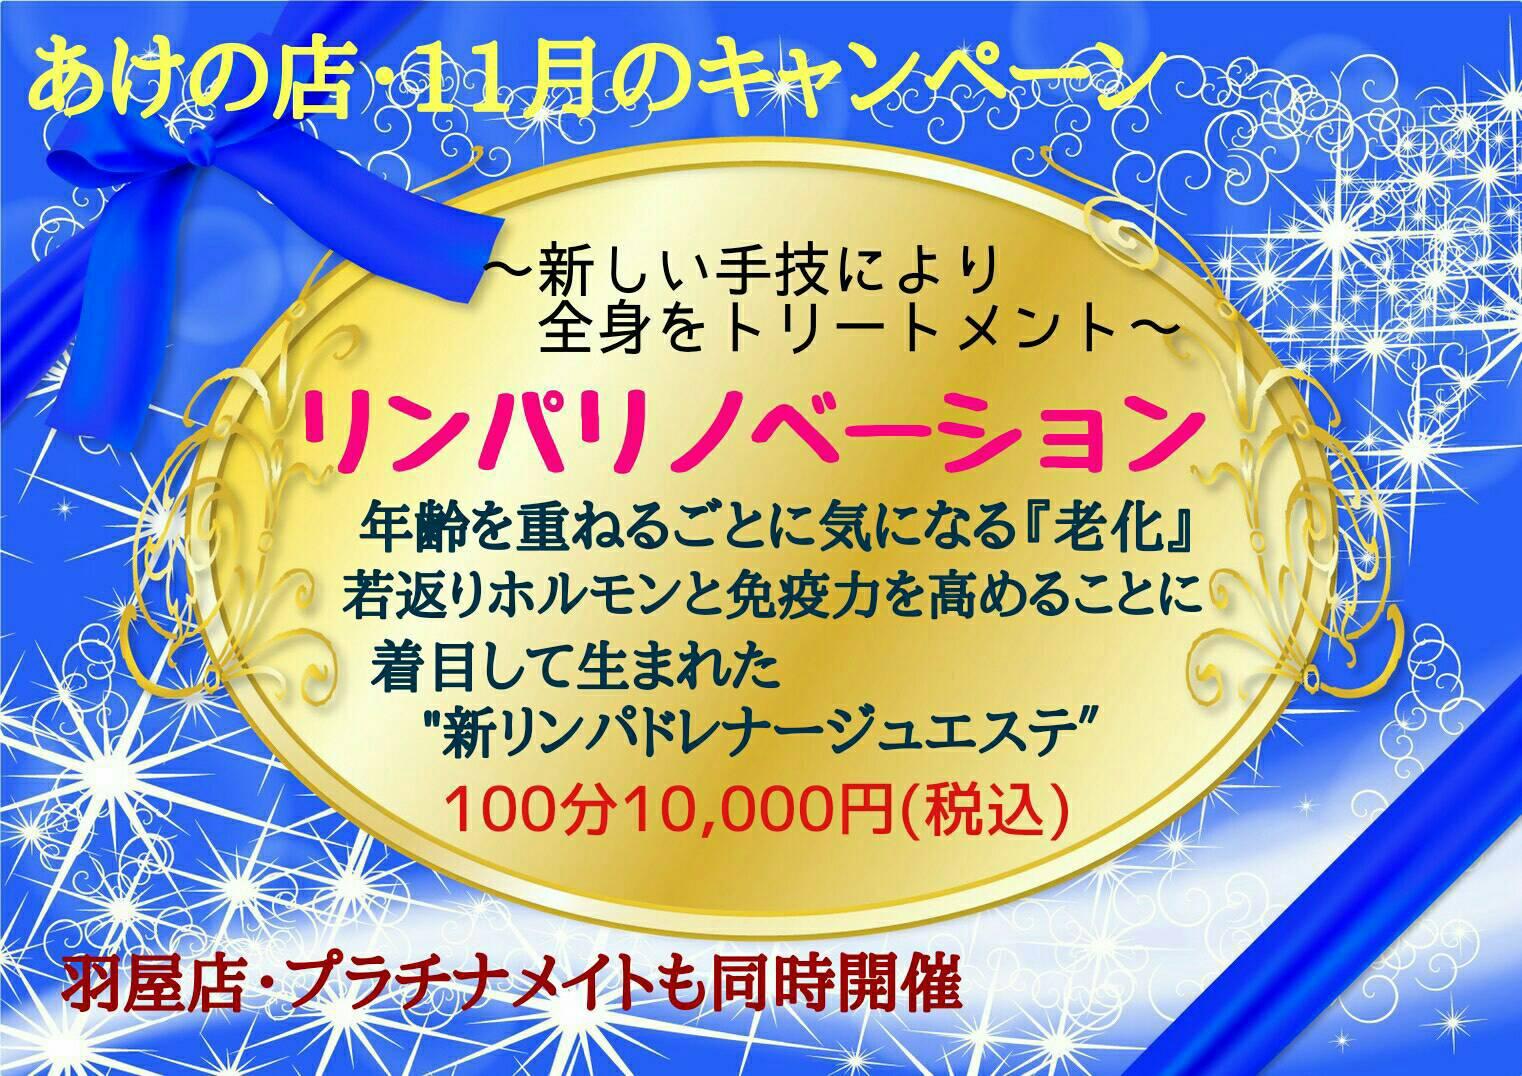 【ましゅまろ】11月キャンペーン情報